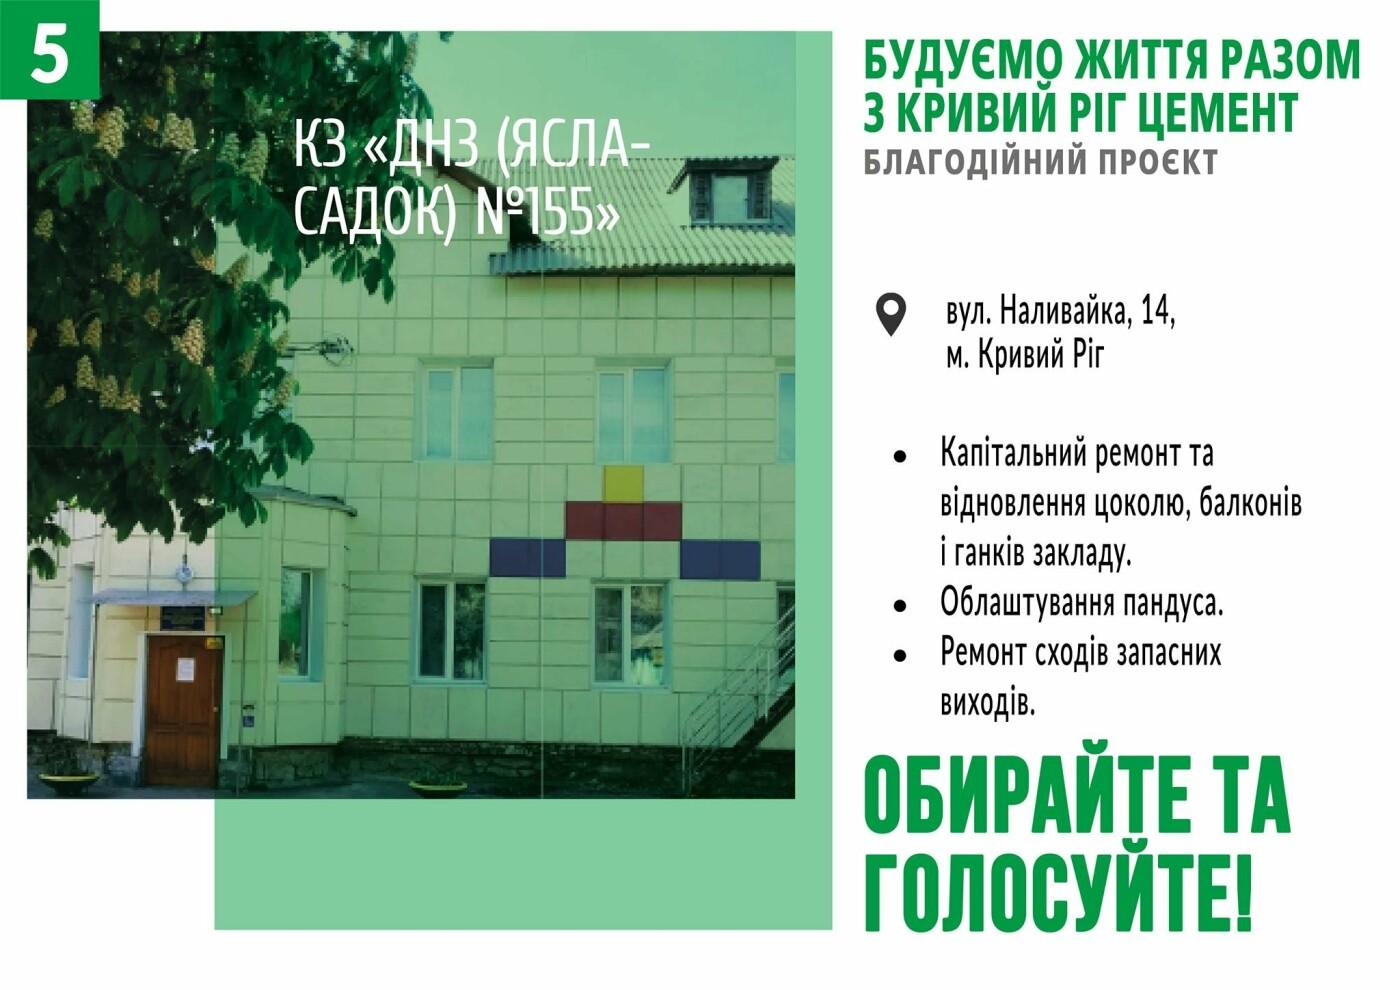 Начато голосование за объекты в рамках благотворительного проекта от компании «Кривой Рог Цемент», фото-5